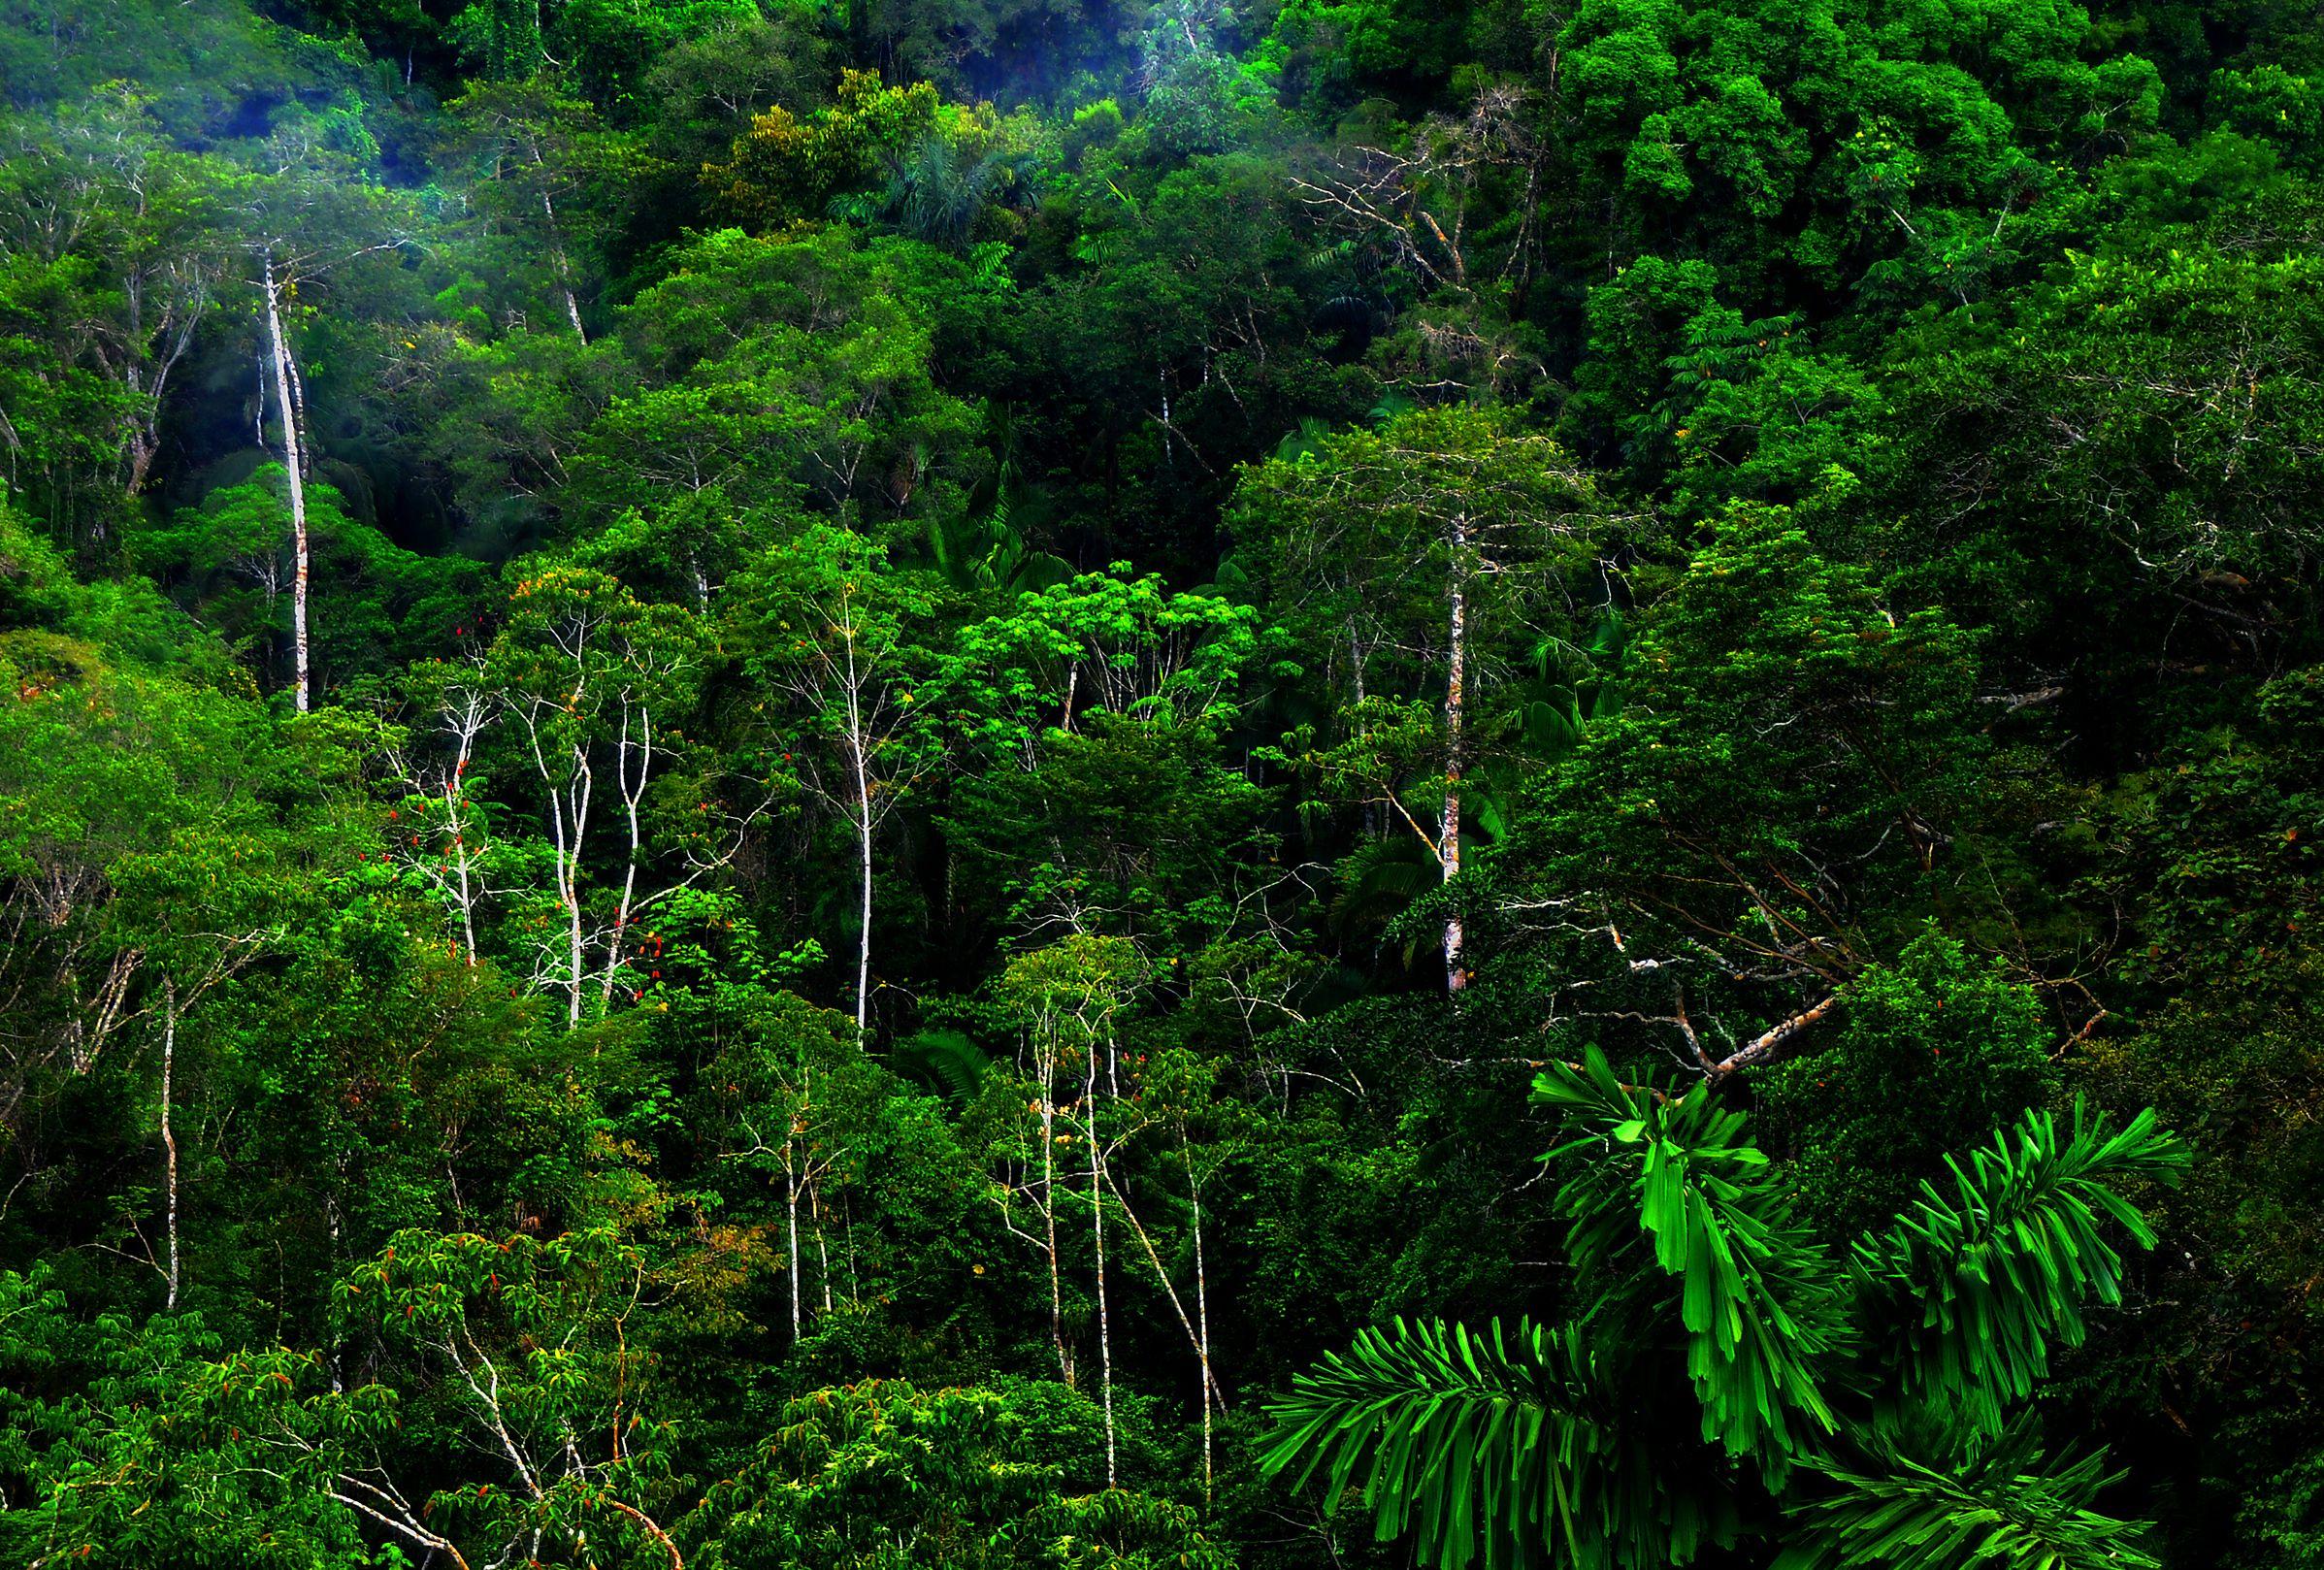 Bosque Húmedo Rainforest Plants Rainforest Pictures Rainforest Photography